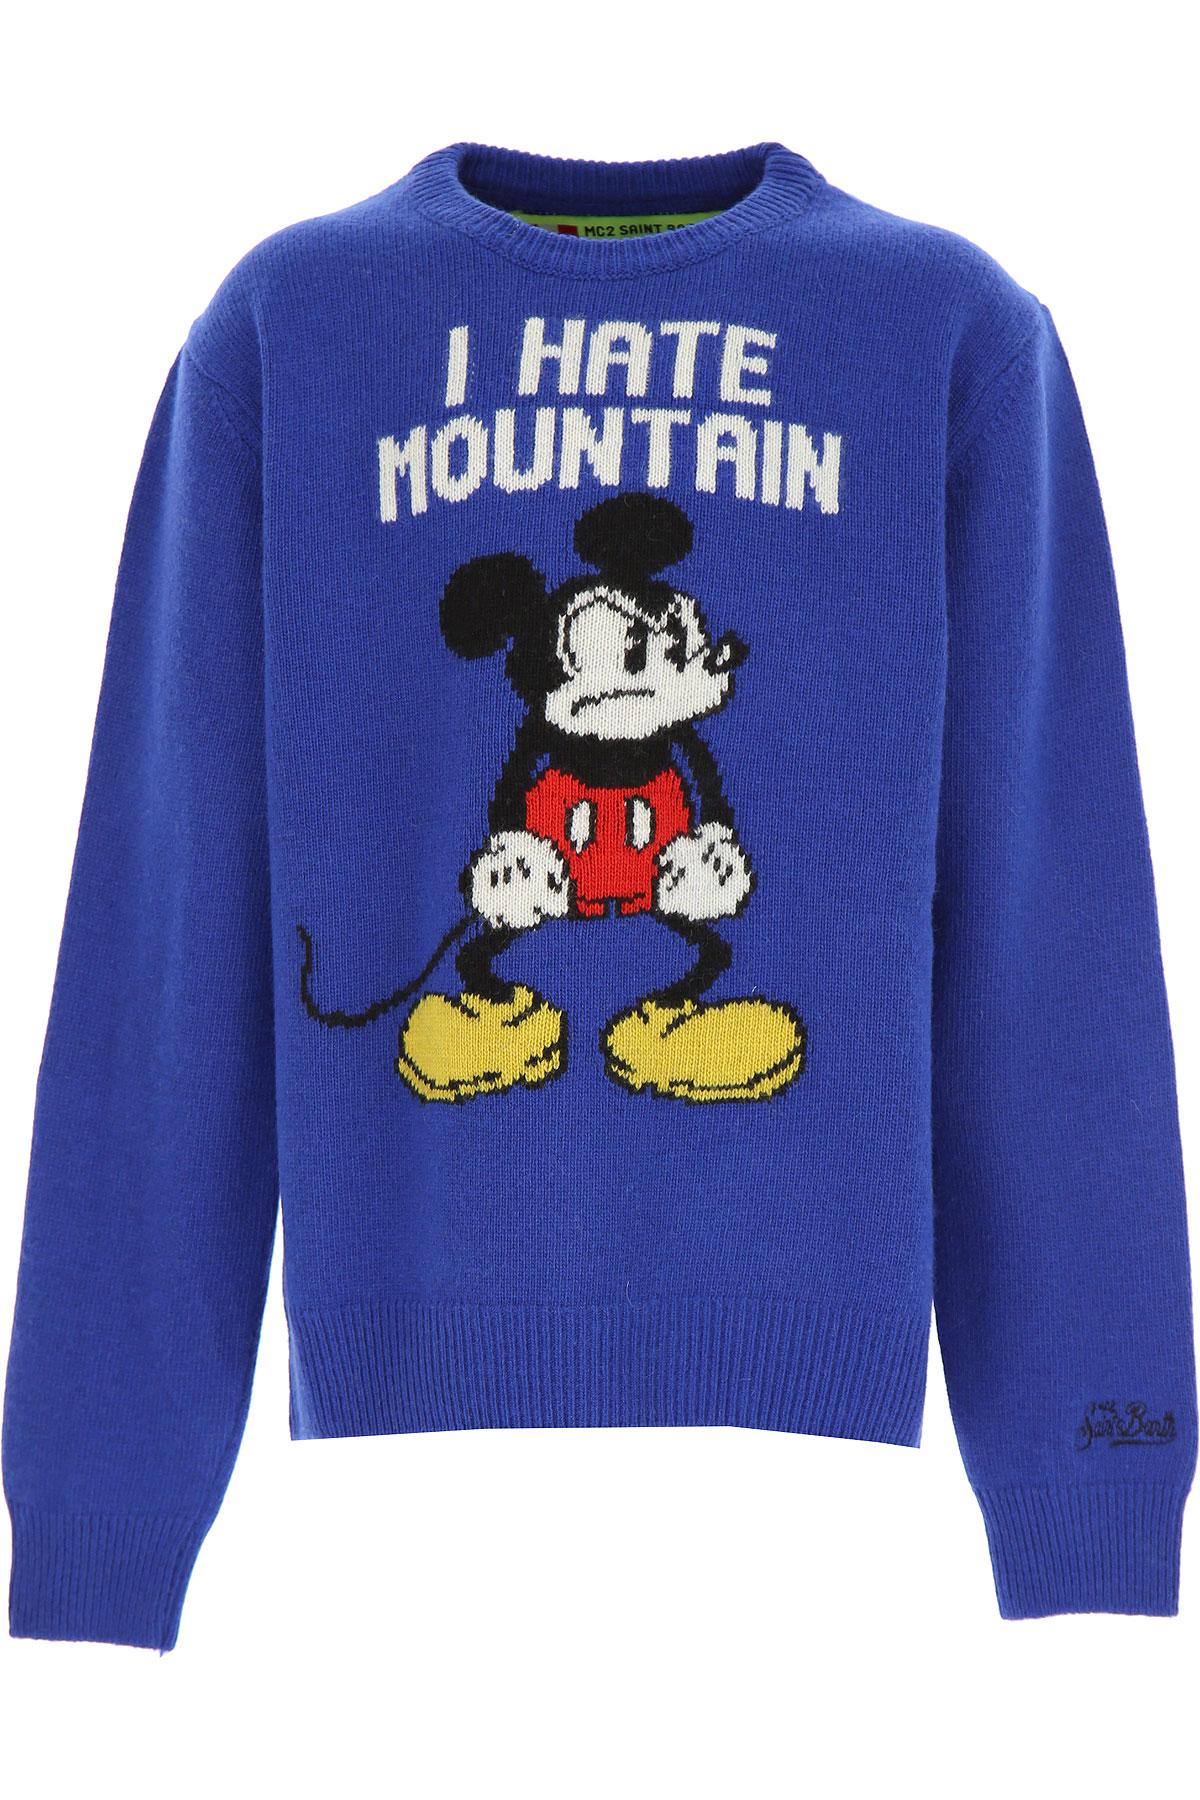 Mc2 Saint Barth Kids Sweaters for Boys On Sale, Electric Blue, Wool, 2019, 10Y 12Y 16Y 2Y 4Y 8Y